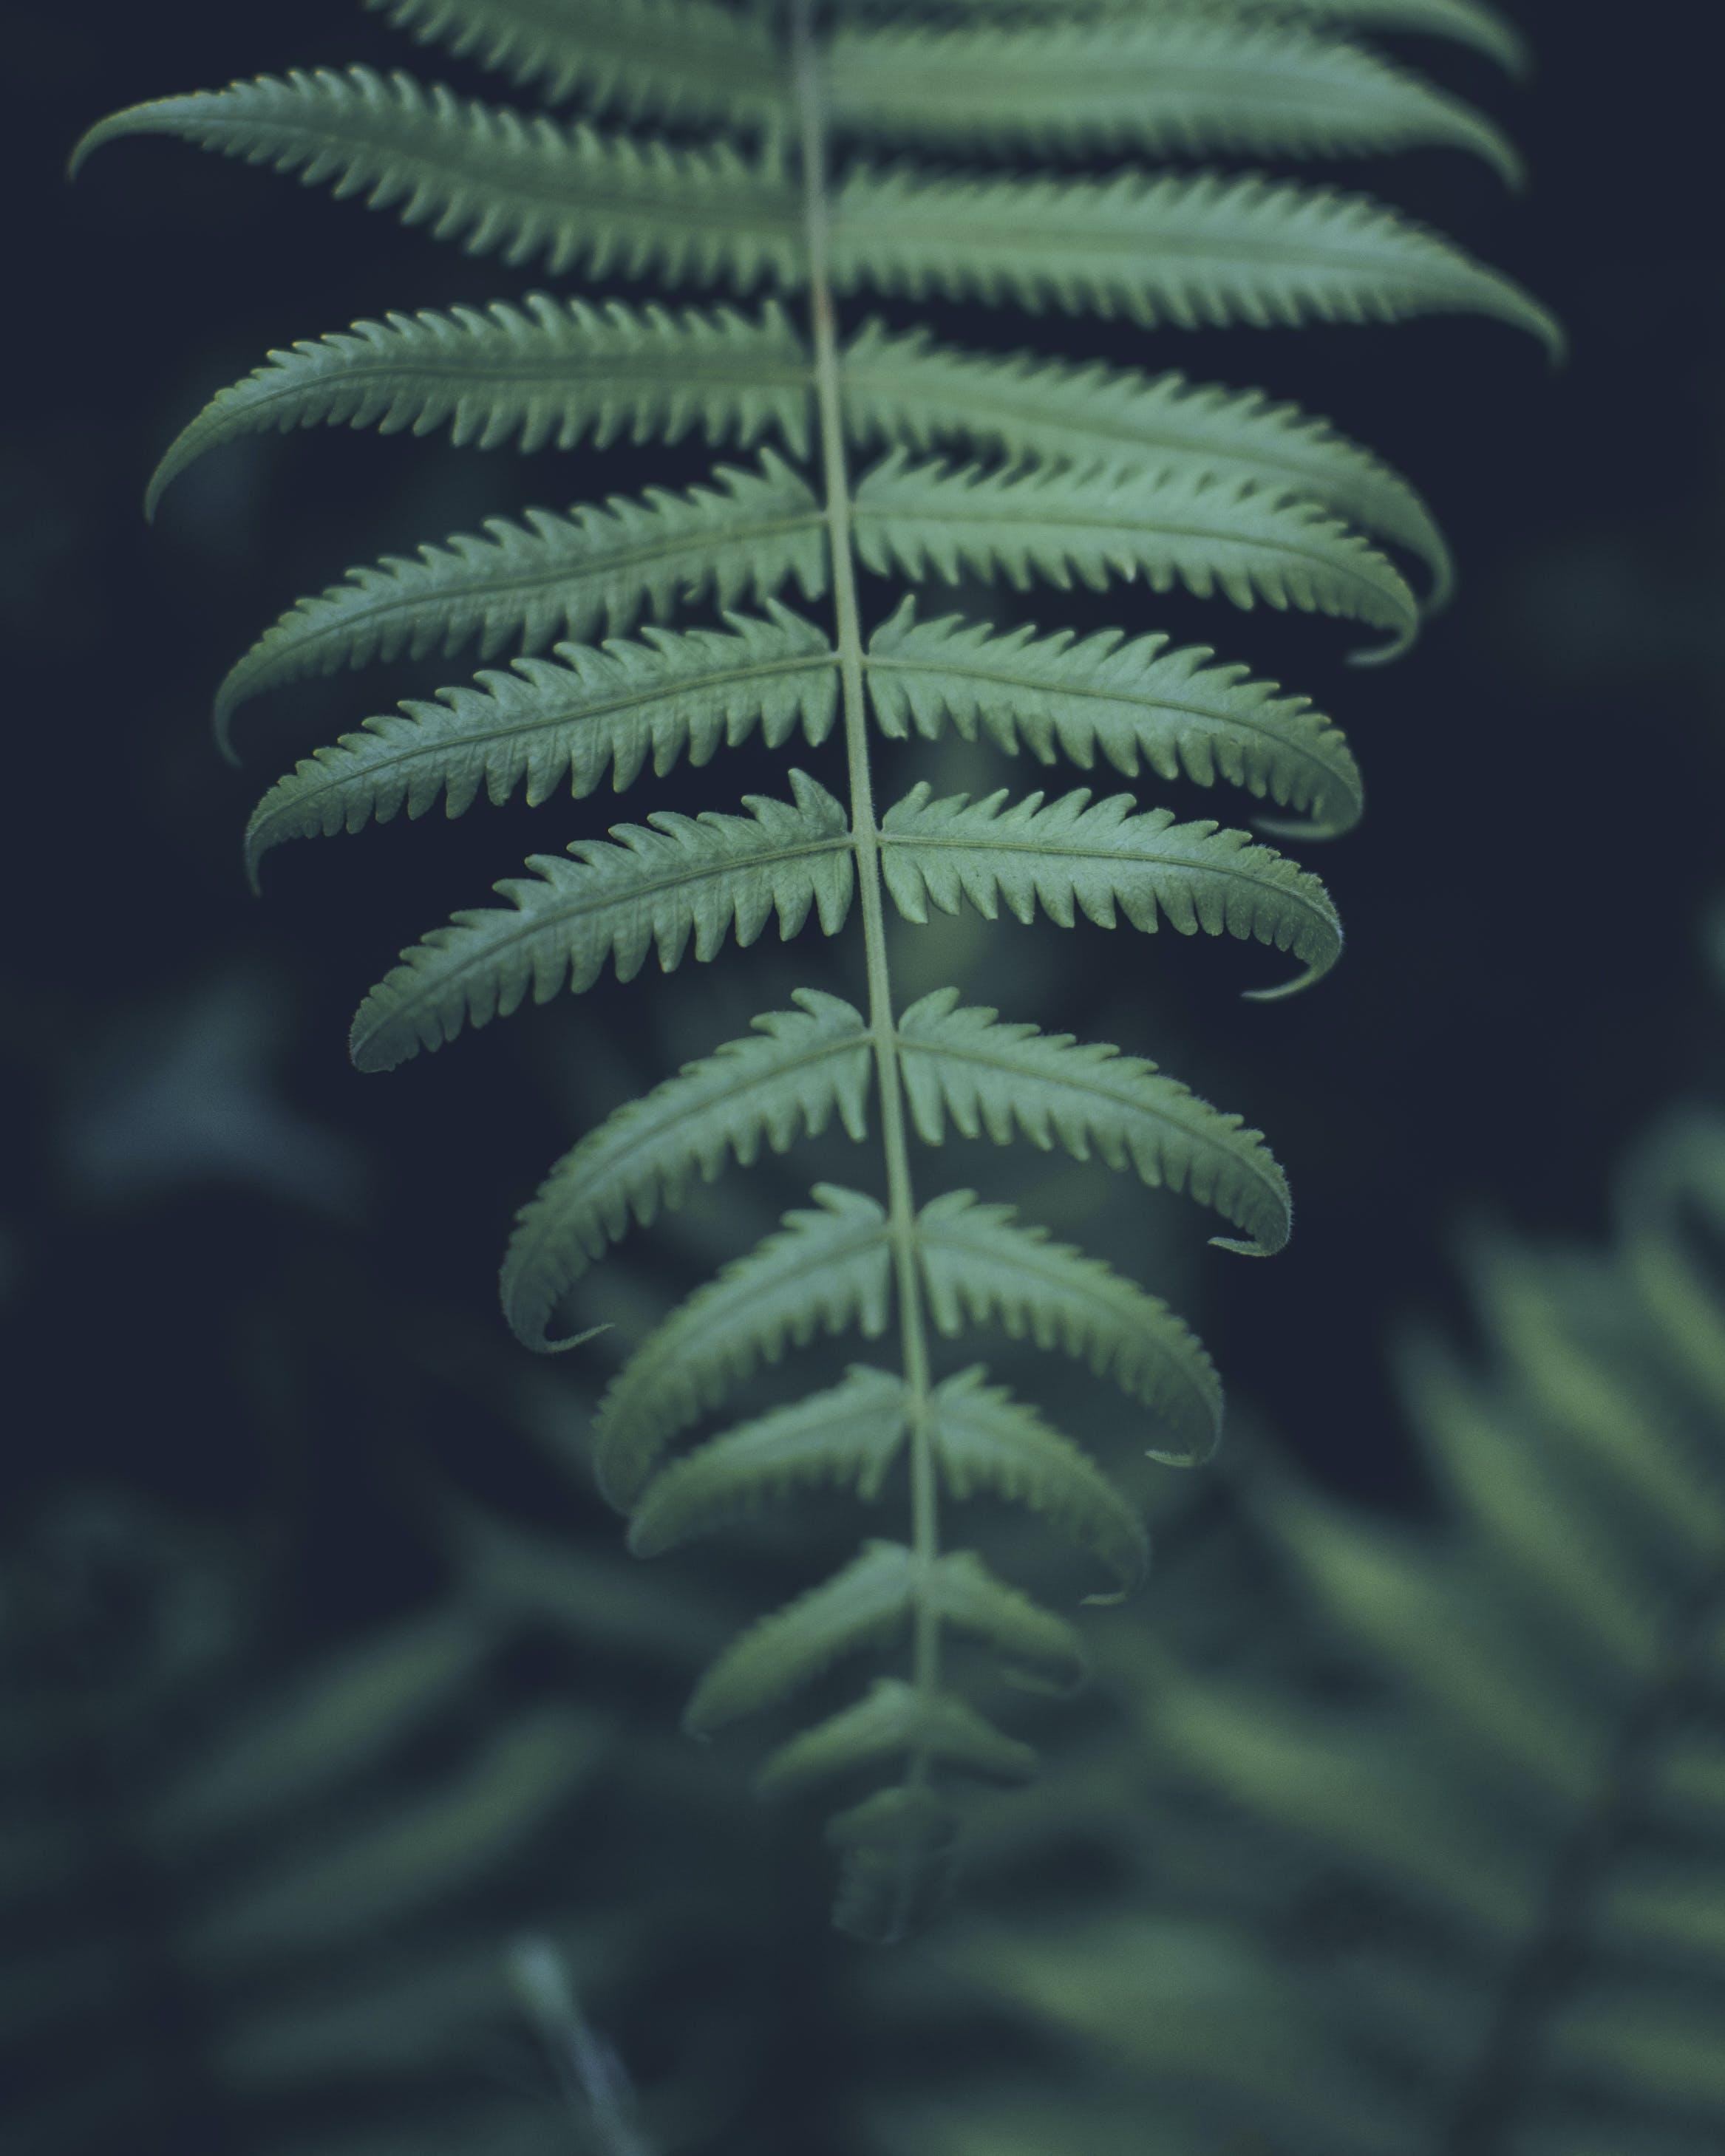 シダ, シダの葉, マクロ, 工場の無料の写真素材